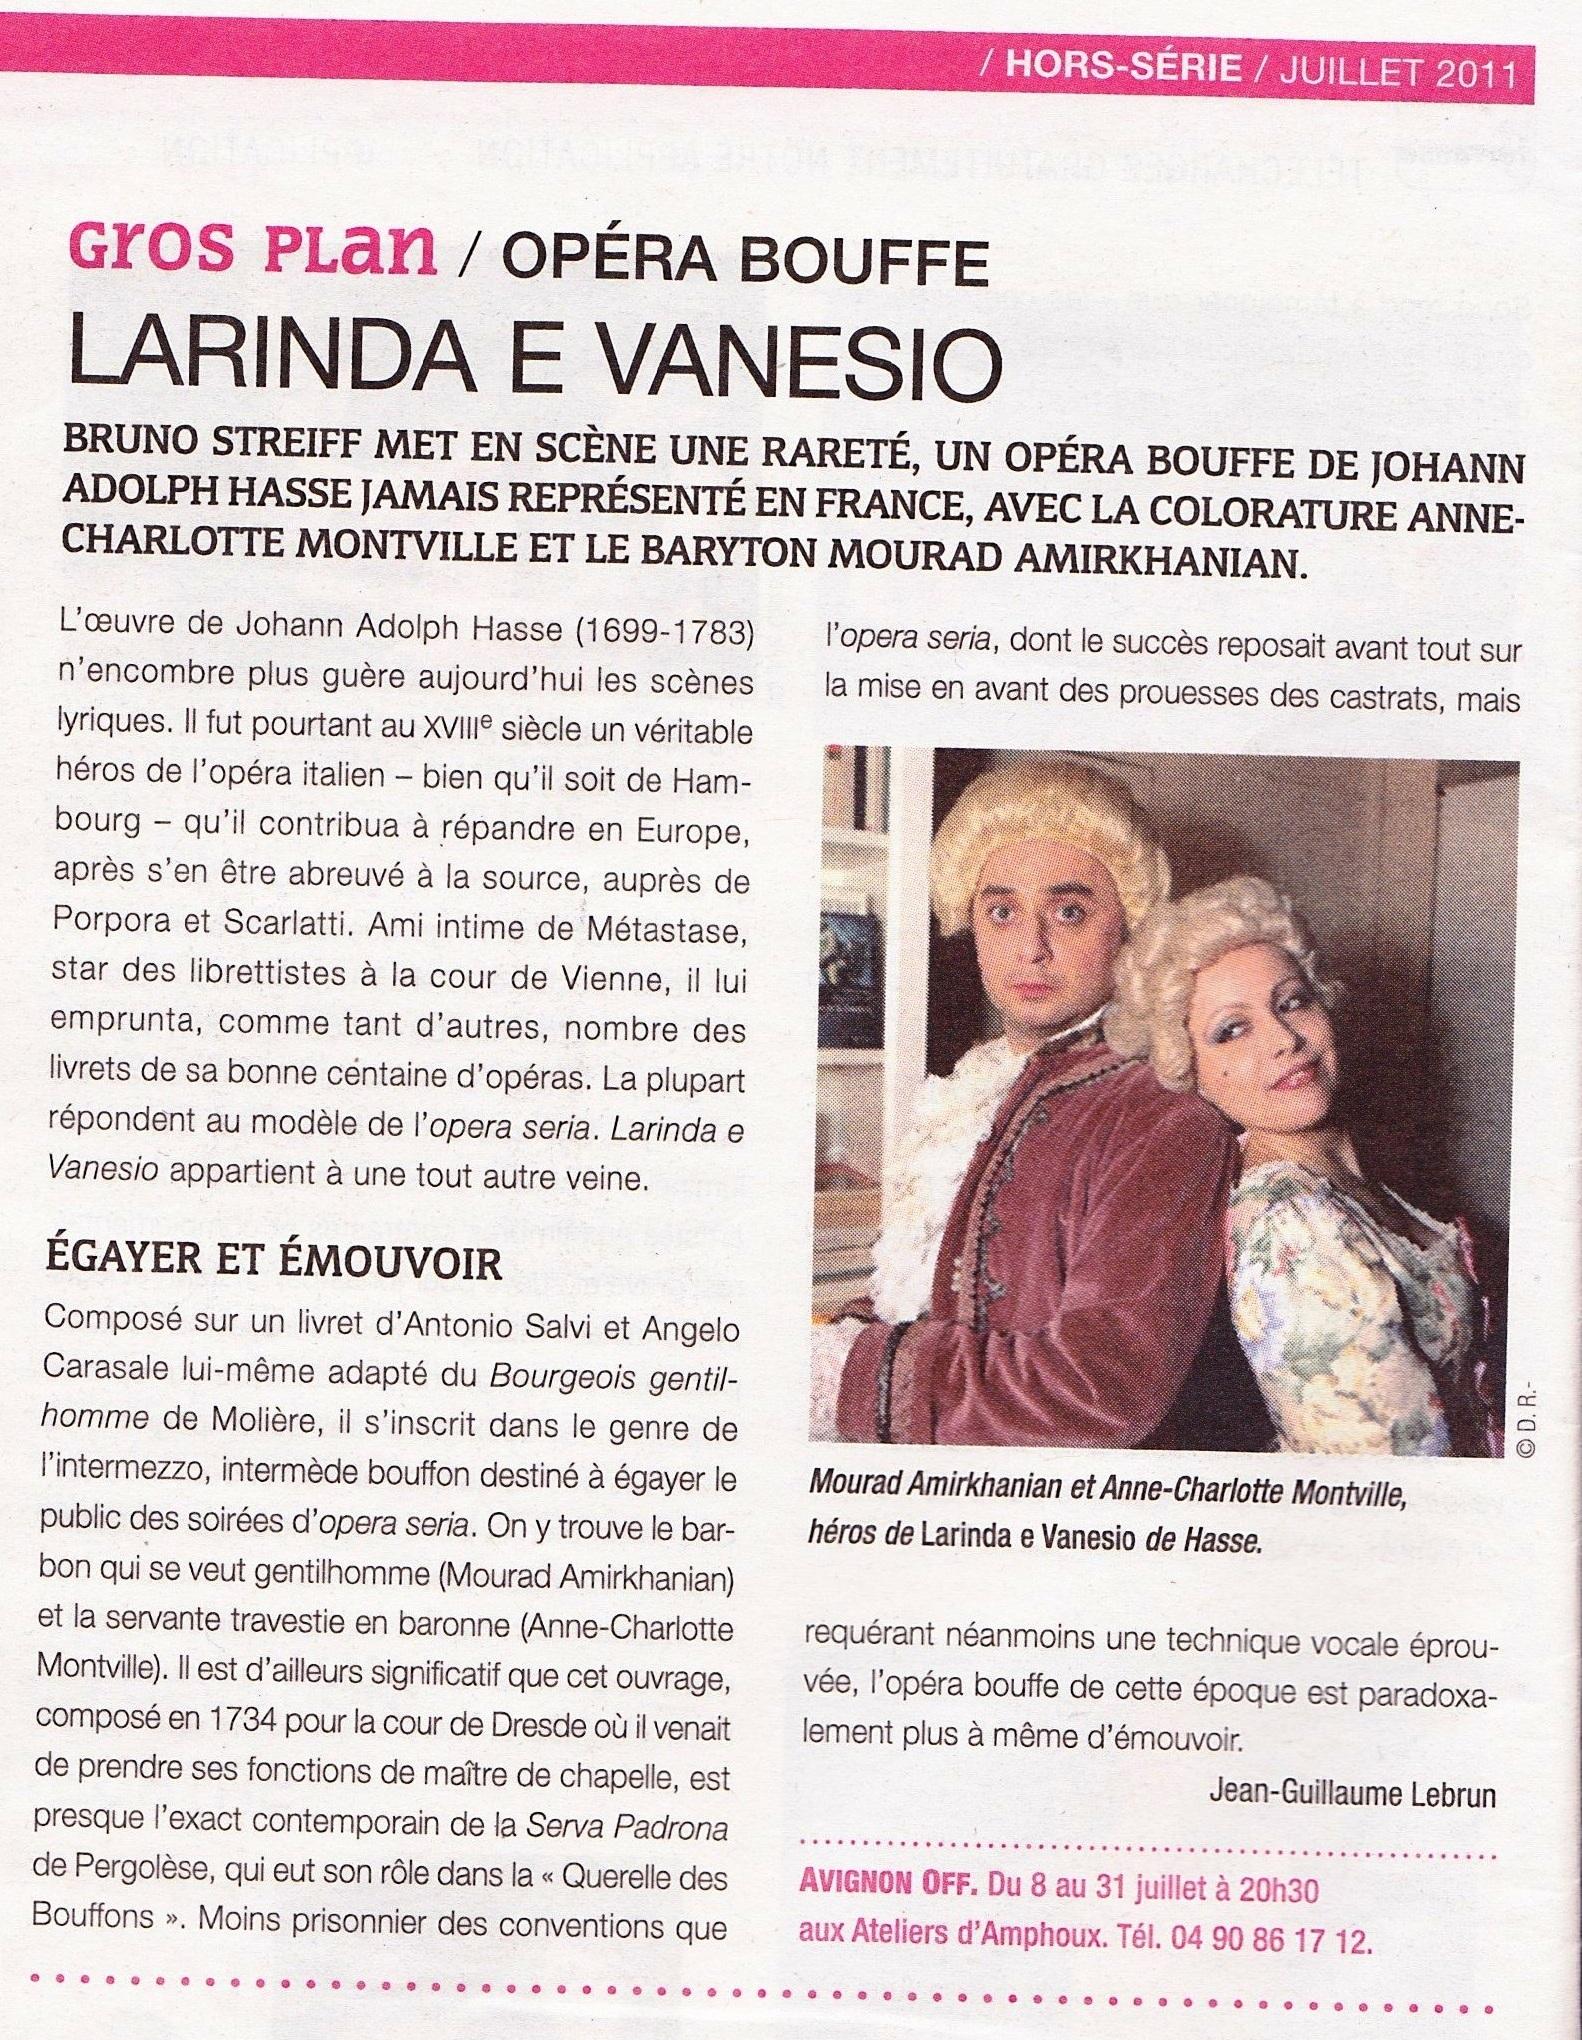 GROS PLAN – Anne-Charlotte Montville et Adam Barro – Hasse  – Avignon 2011 Larinda e Vanesio – La Terransse – Copie